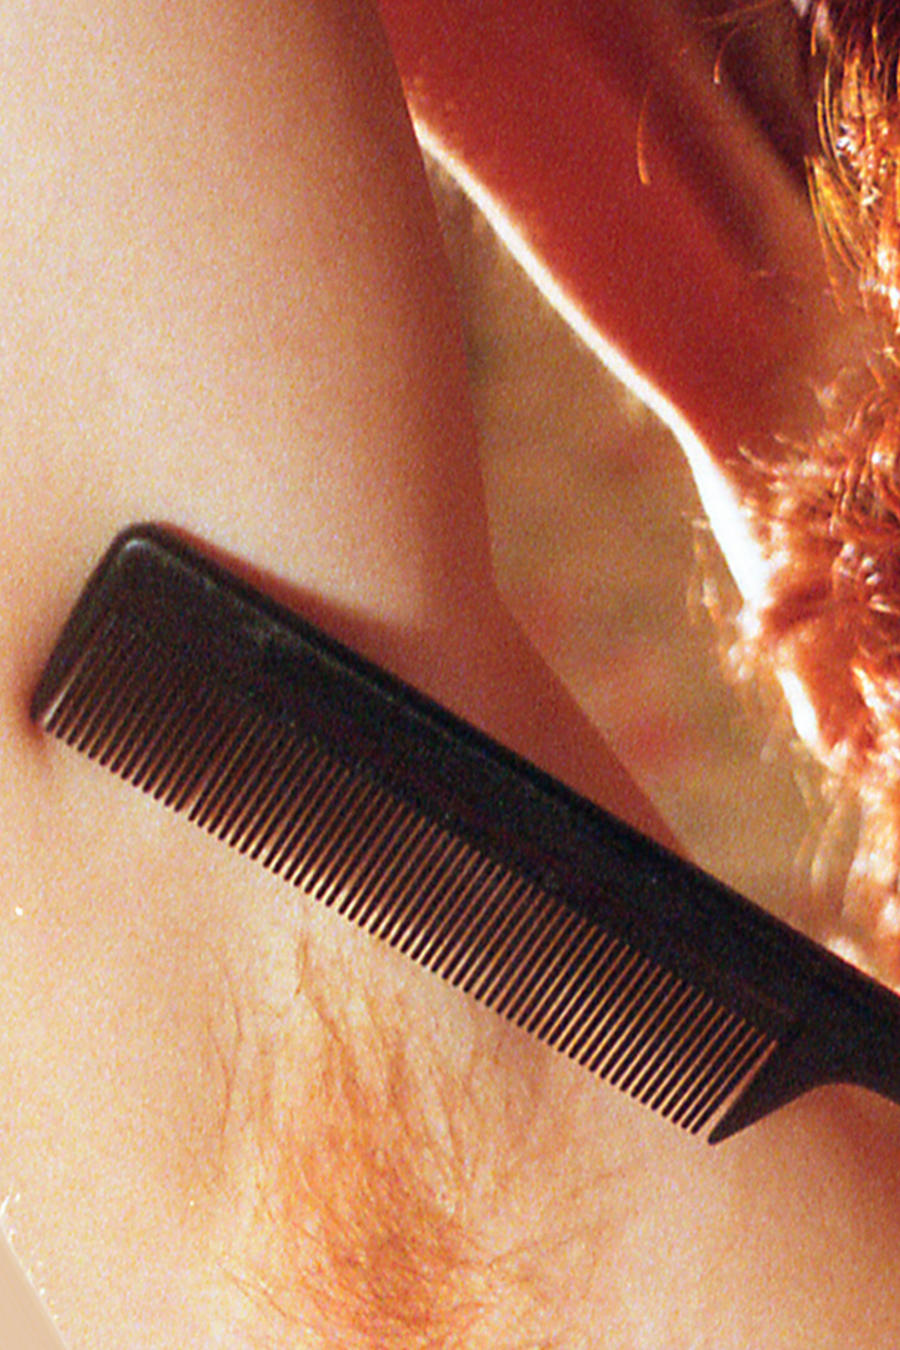 Axilas de mujer sin afeitar